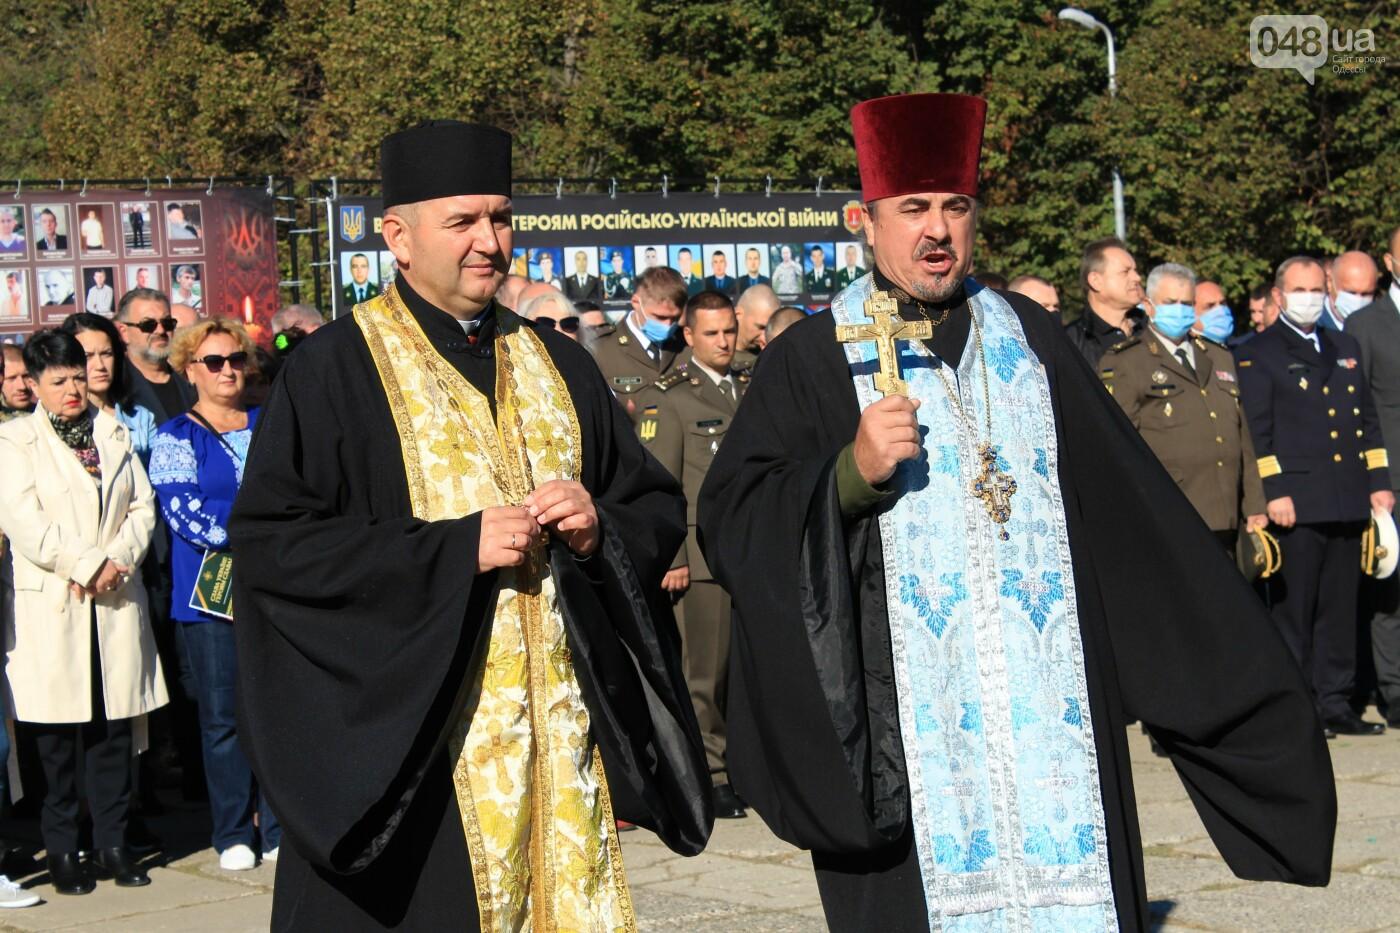 В Одессе почтили память героев, погибших на Донбассе, - ФОТОРЕПОРТАЖ, фото-11